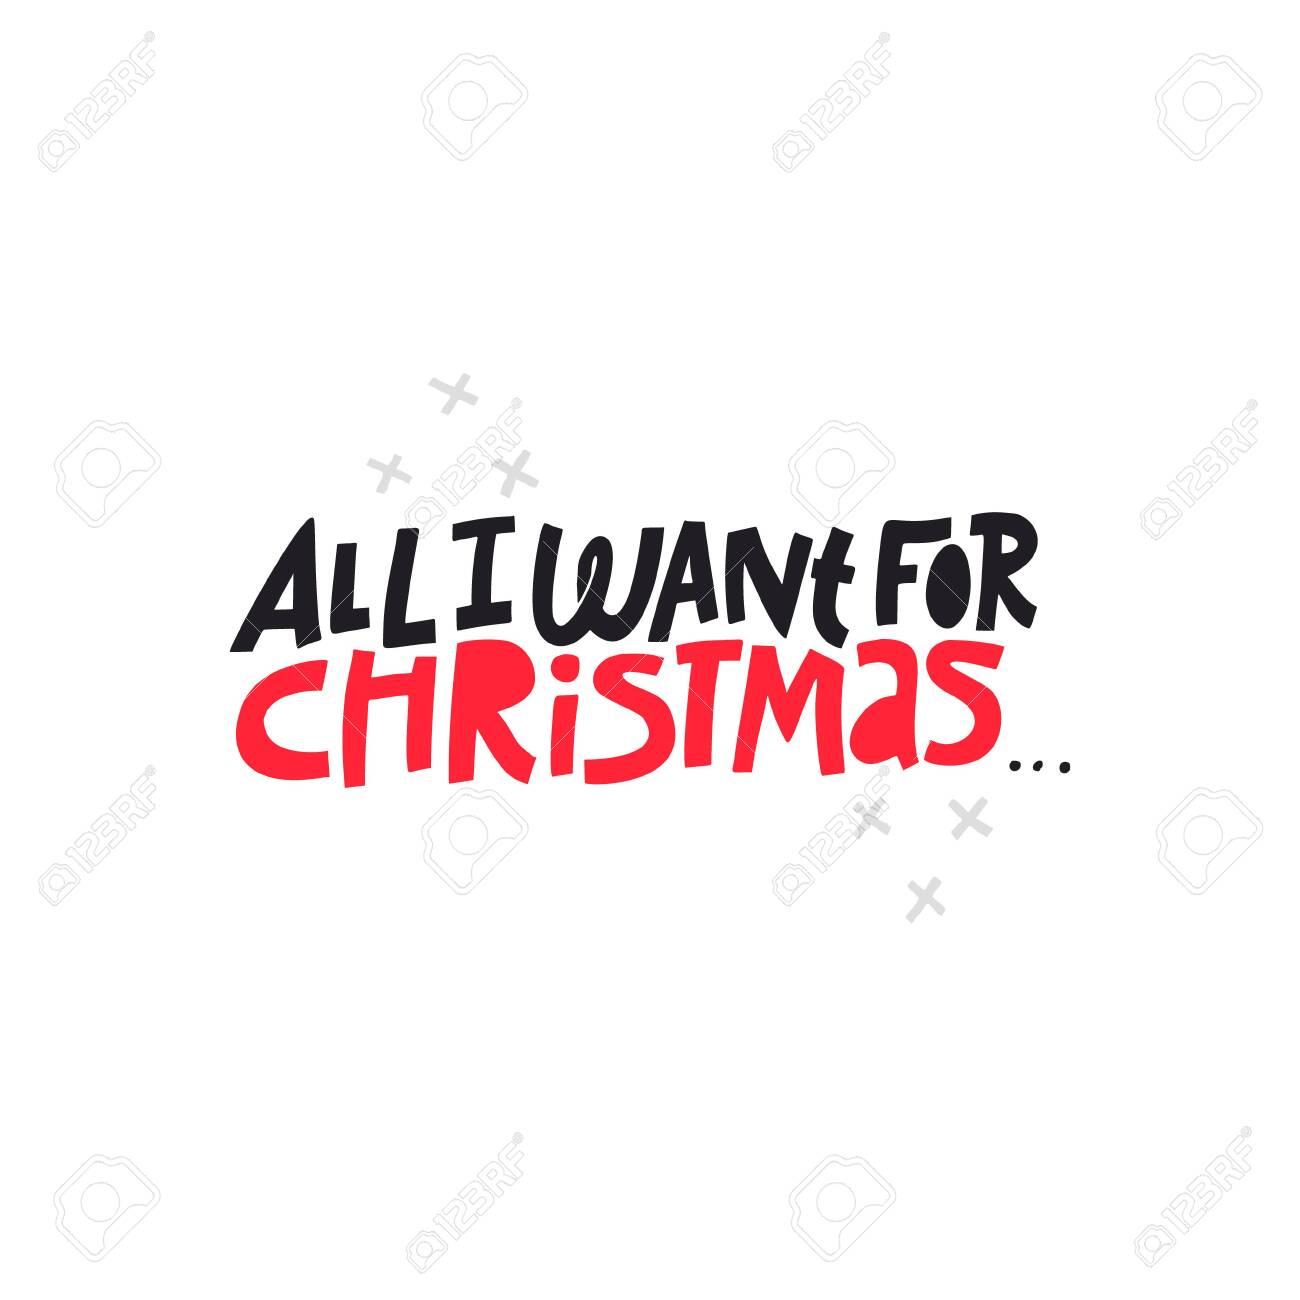 All I Want For Christmas.Christmas Hand Drawn Vector Lettering All I Want For Christmas